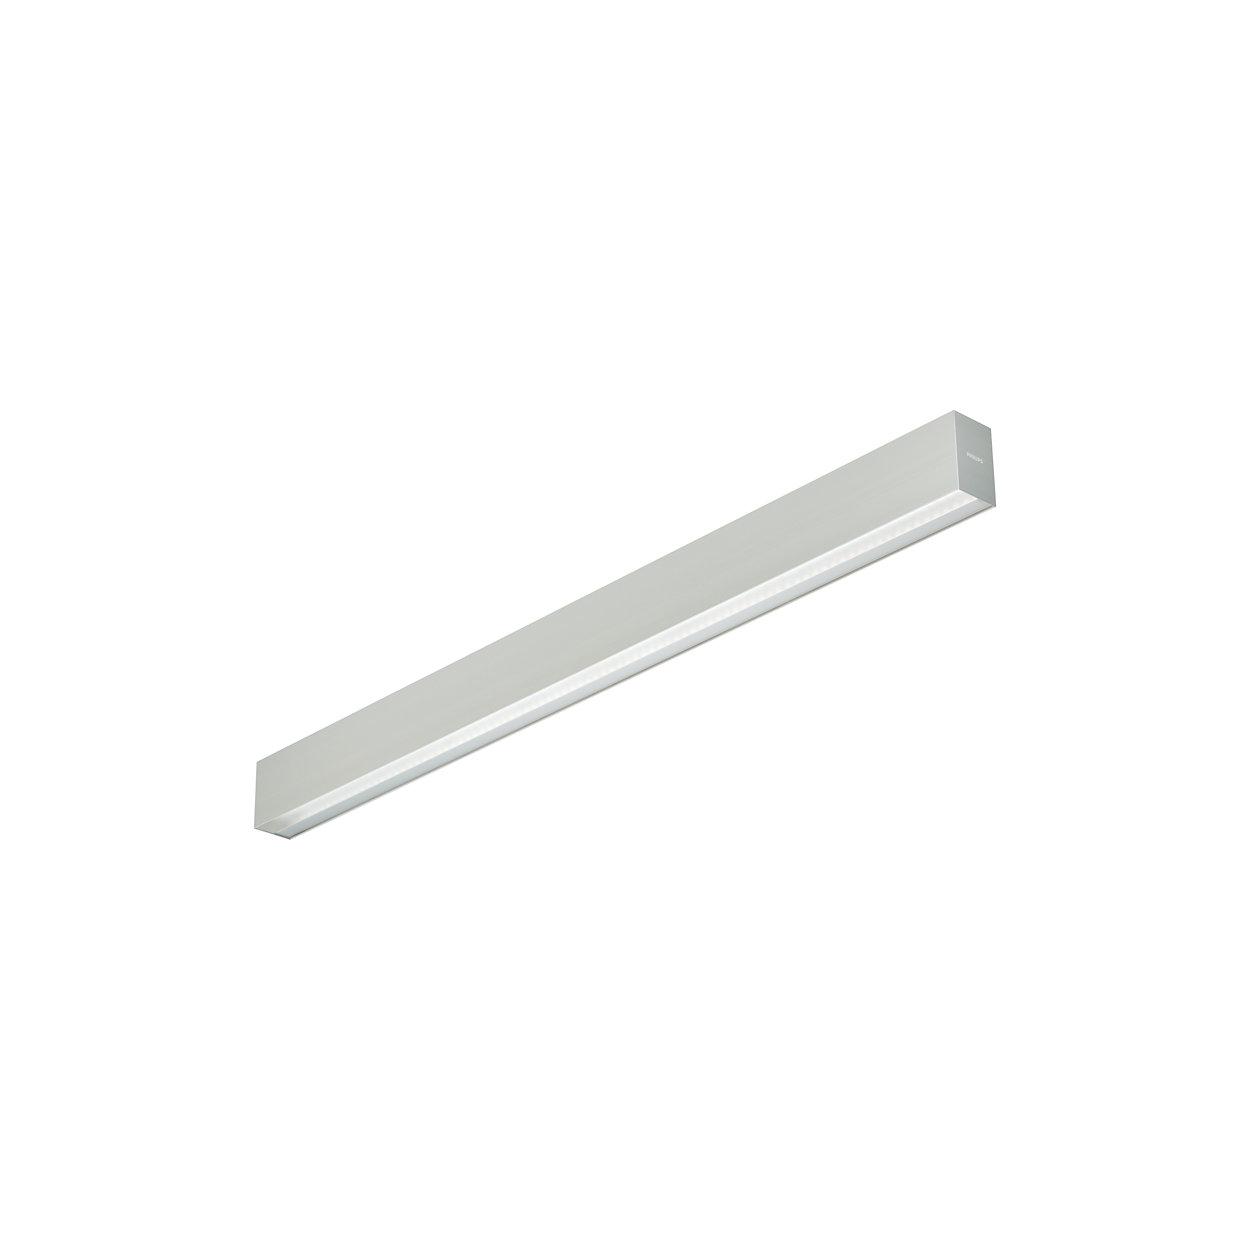 Kaarsrechte elegante lijn van licht, energiezuinig en voldoet volledig aan de kantoorverlichtingsnormen